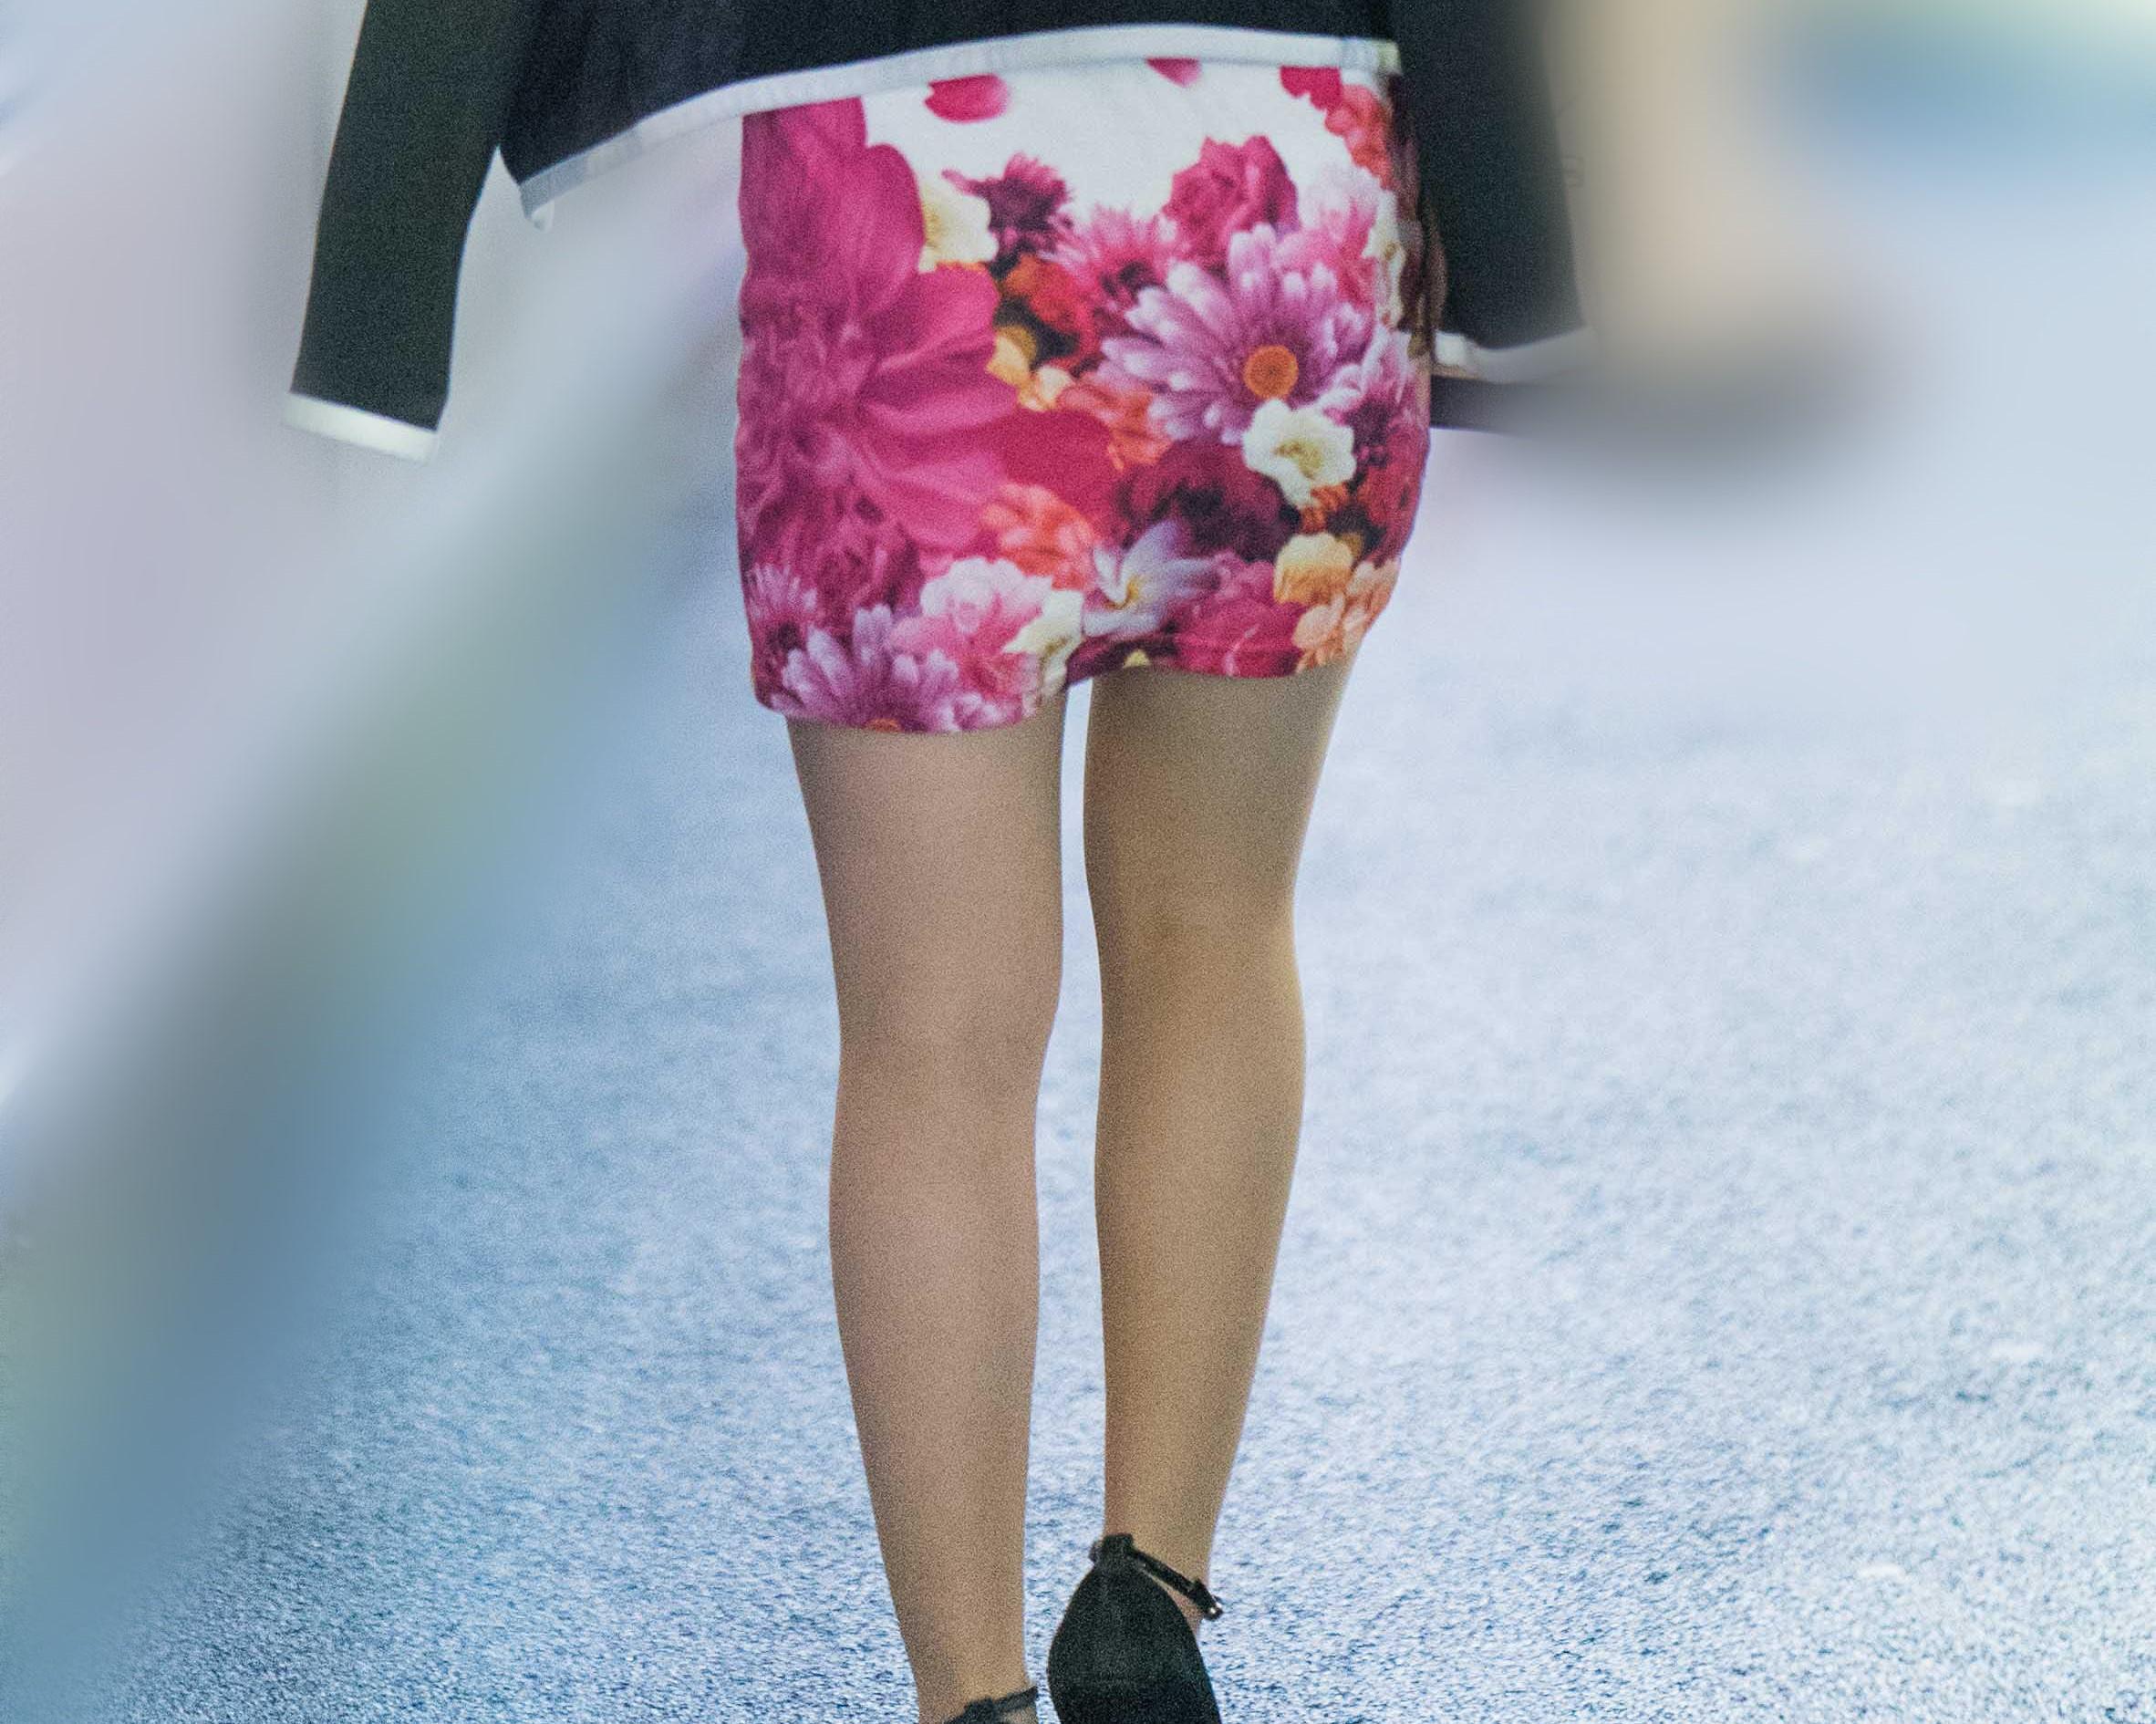 鮮やかな花柄マイクロミニから伸びる美脚が素敵なギャル!